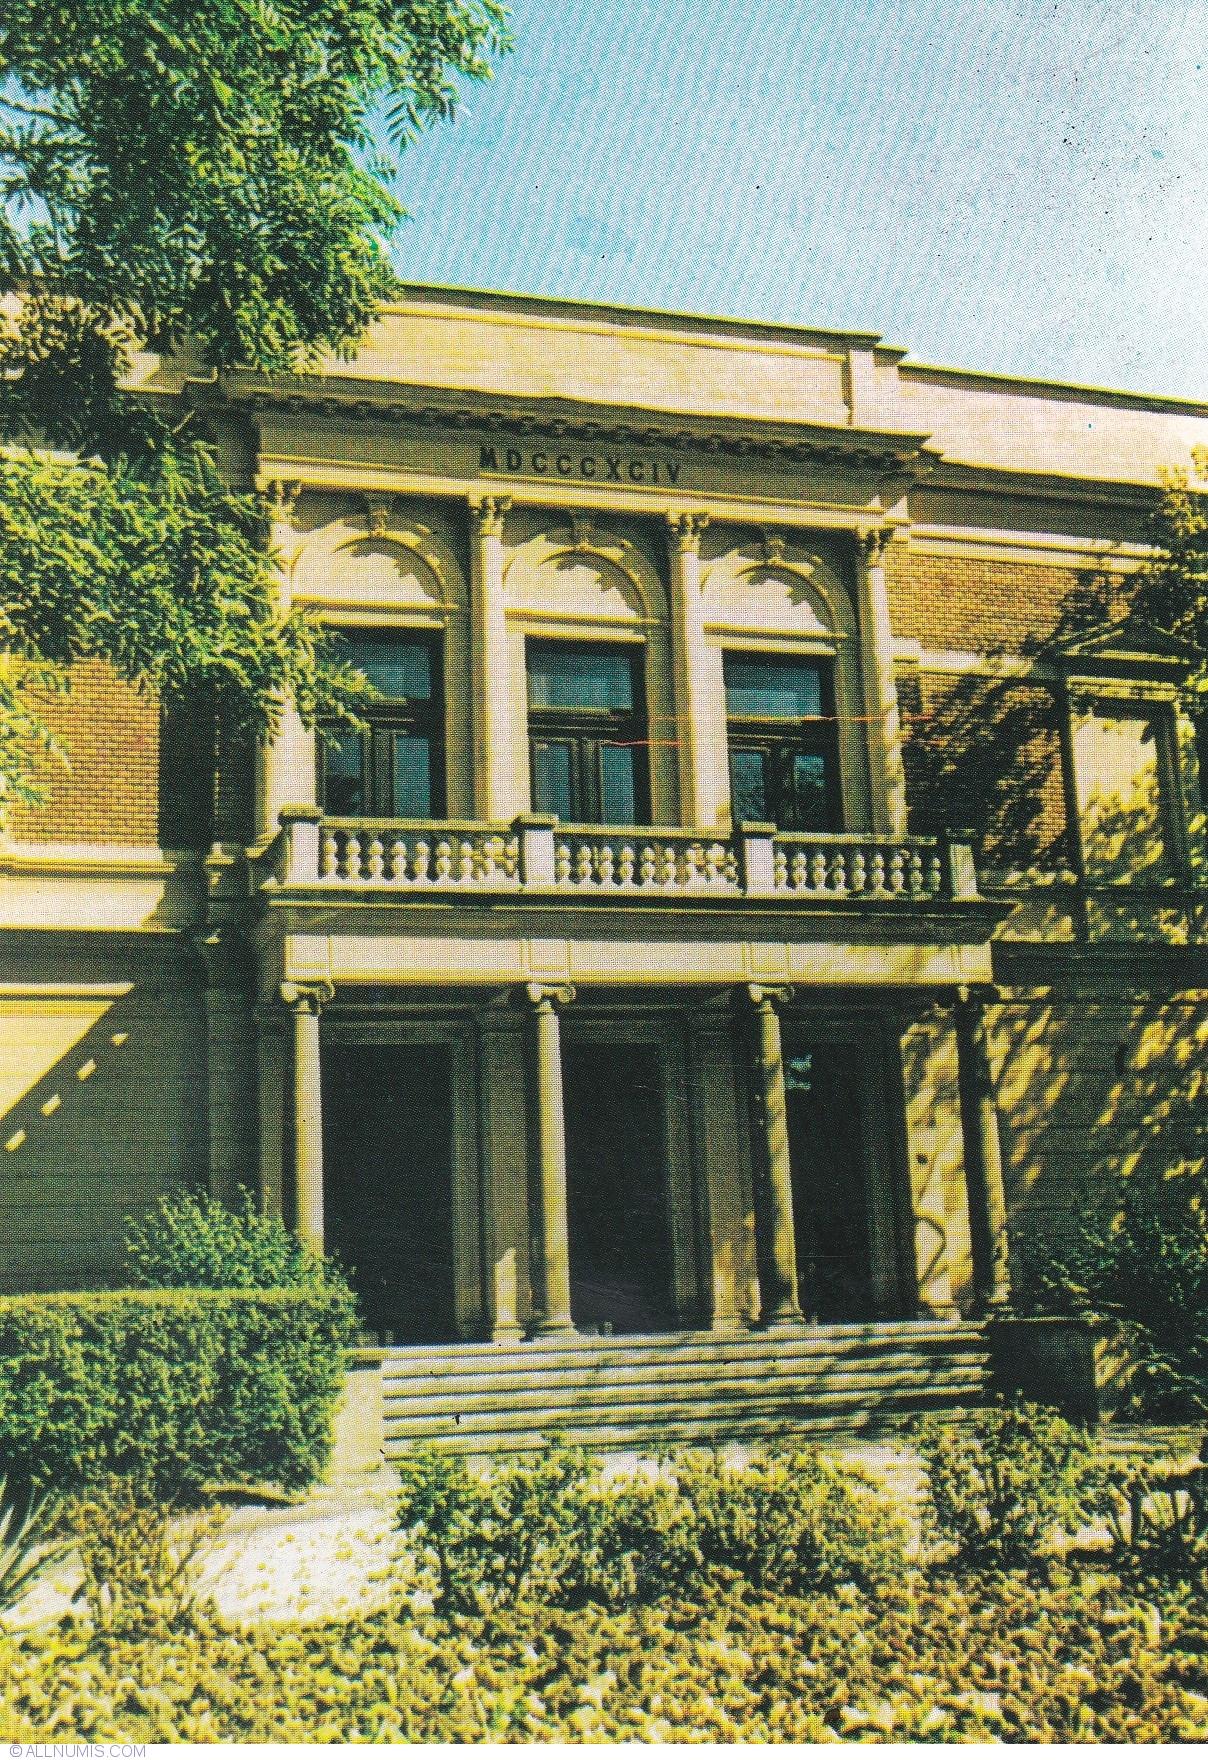 Muzeul de Istorie Naturală Sibiu, Muzeul de Istorie Naturală Sibiu - Romania - Carte poștală - 39722